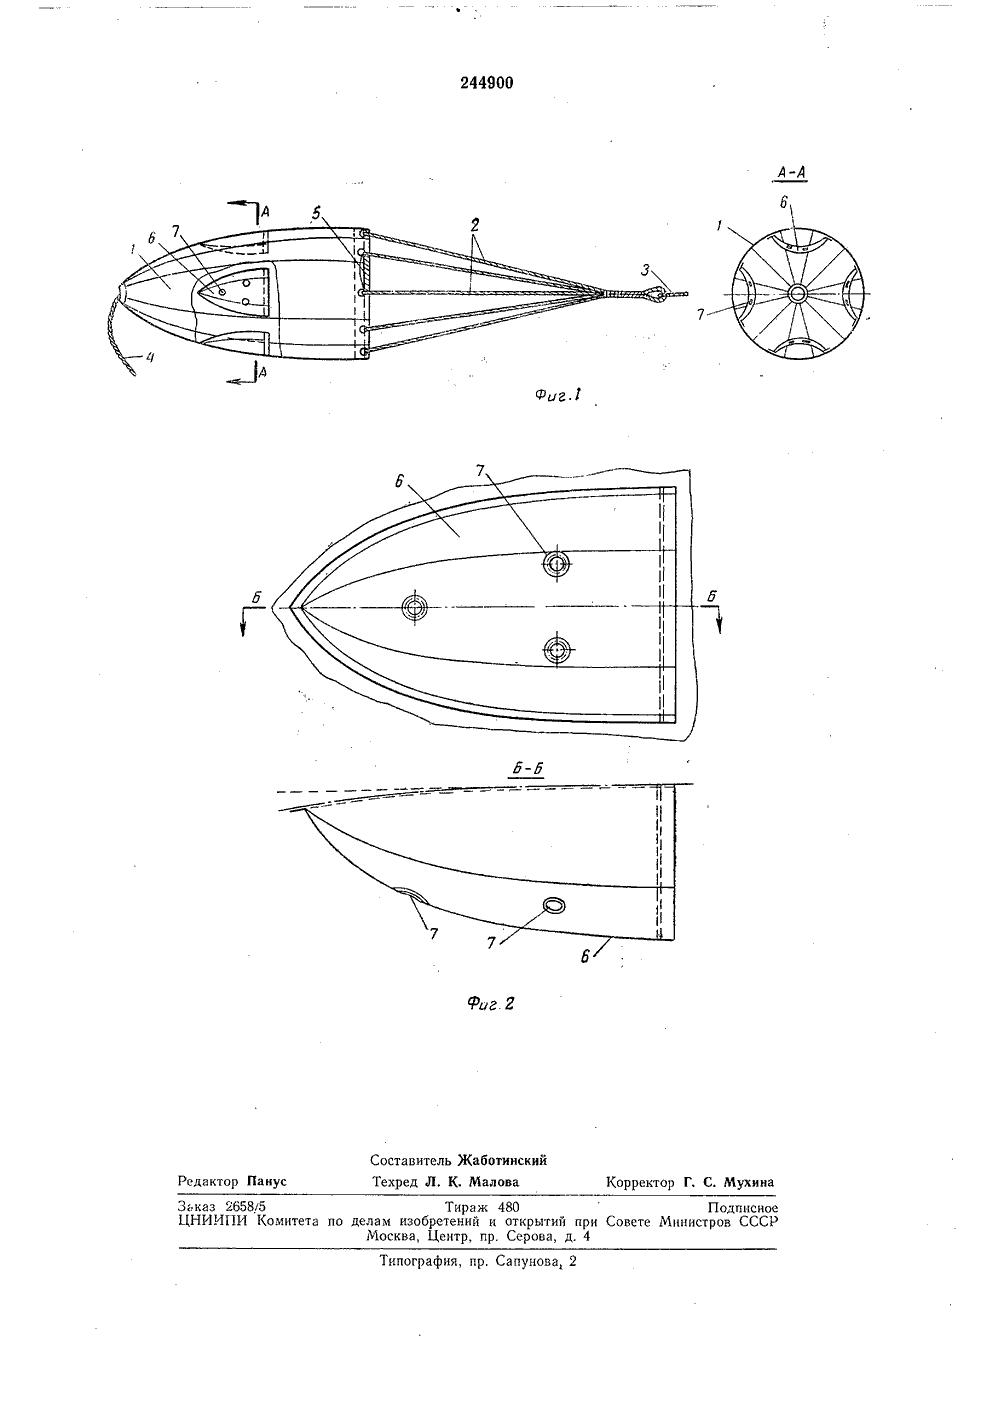 Суда, устройство судов. Теория 54